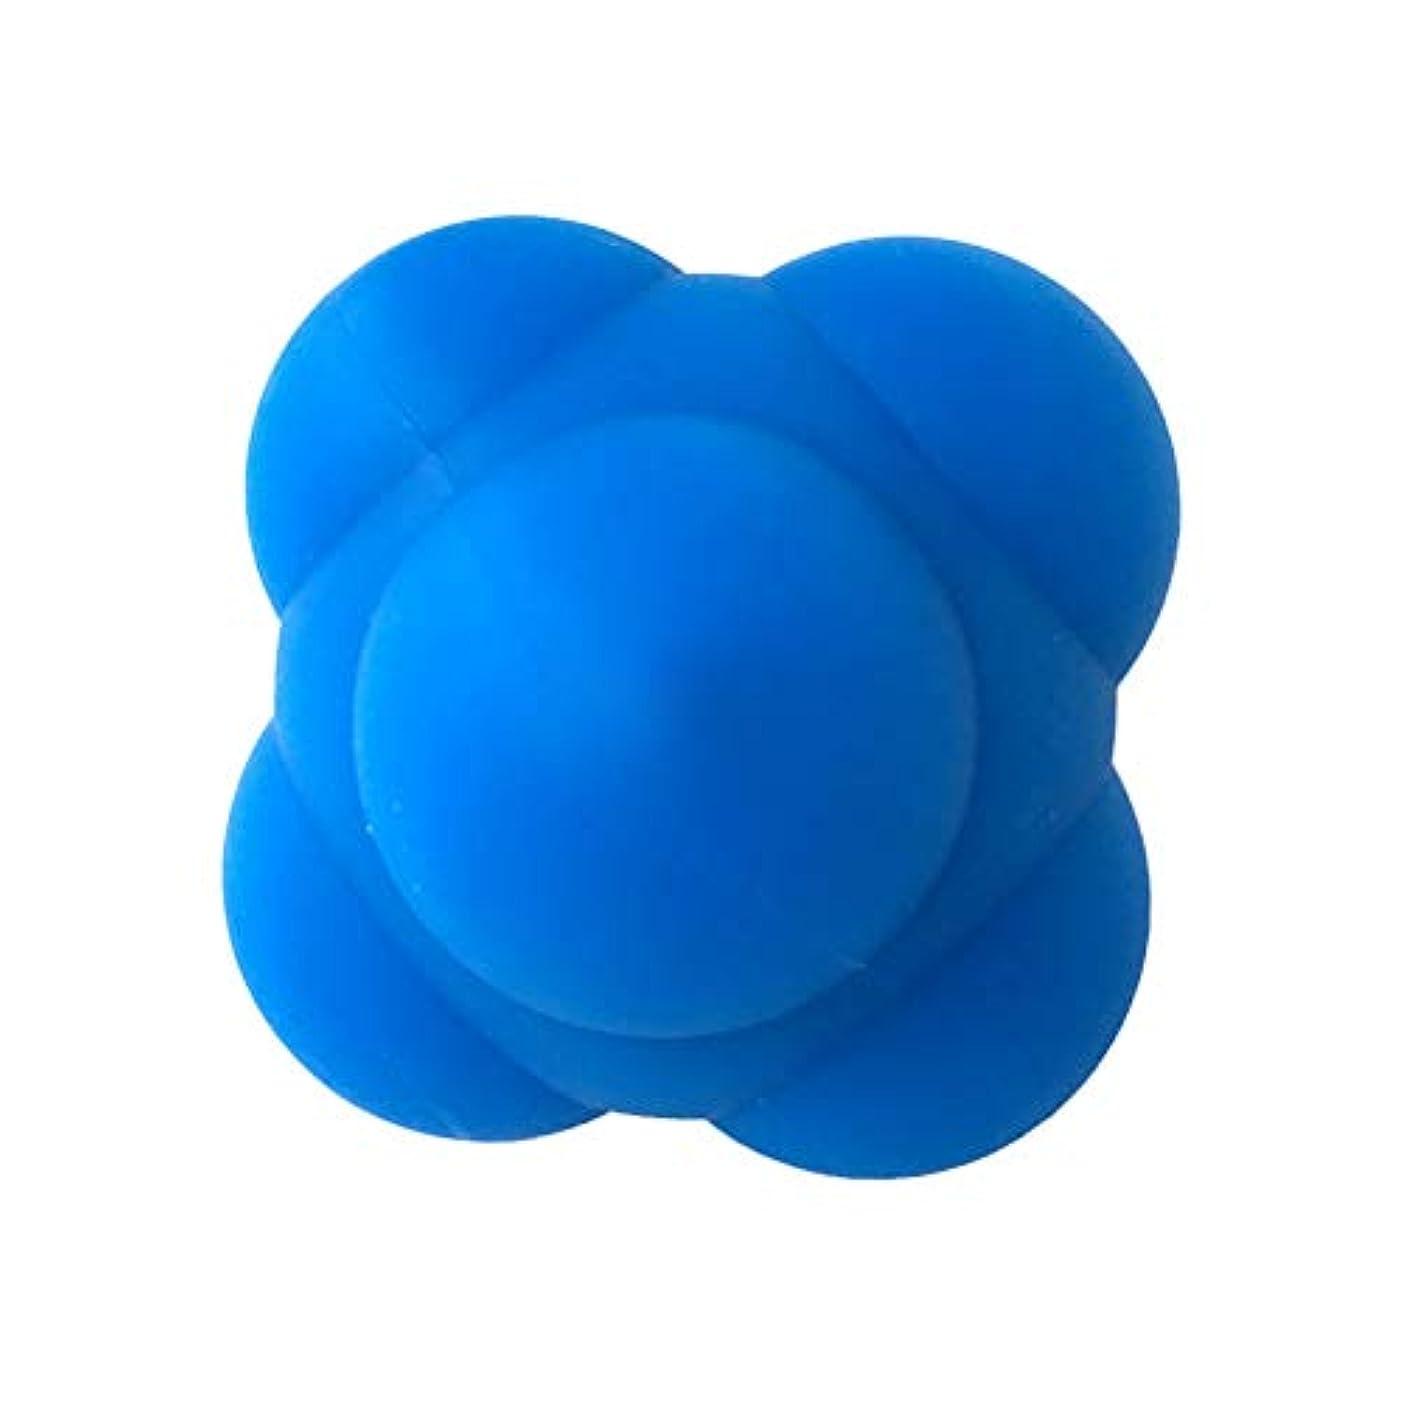 治世入浴クランプSUPVOX 野球 練習用品 トレーニングボール ヘキサゴンボール リアクションボール スポーツボール6cm(青)